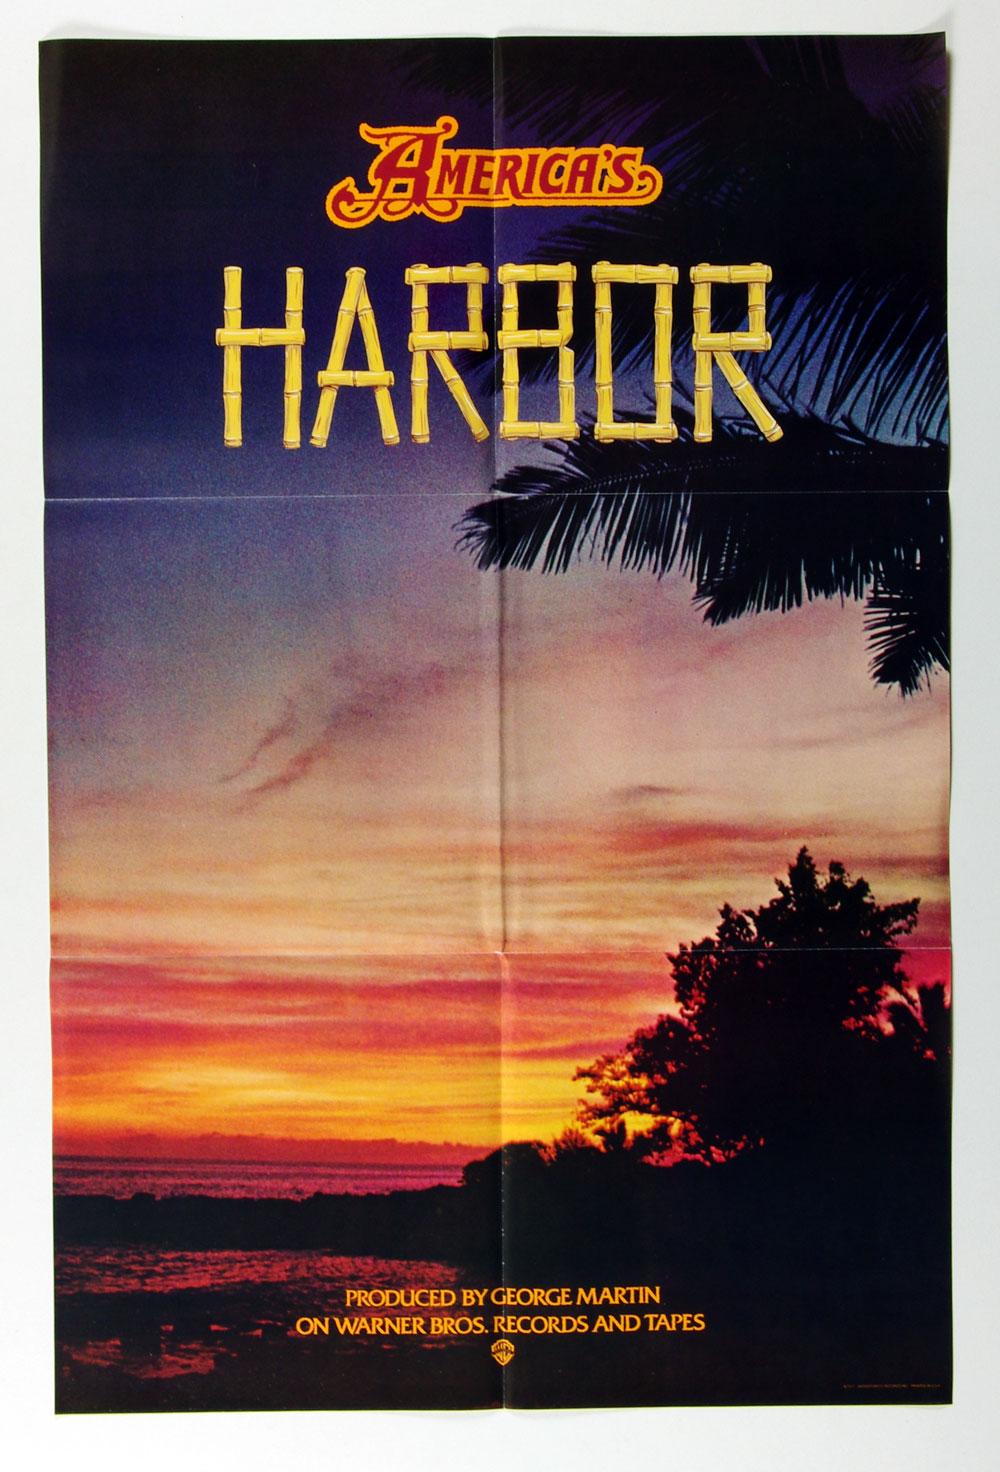 America Poster 1977 Harbor Album Promotion